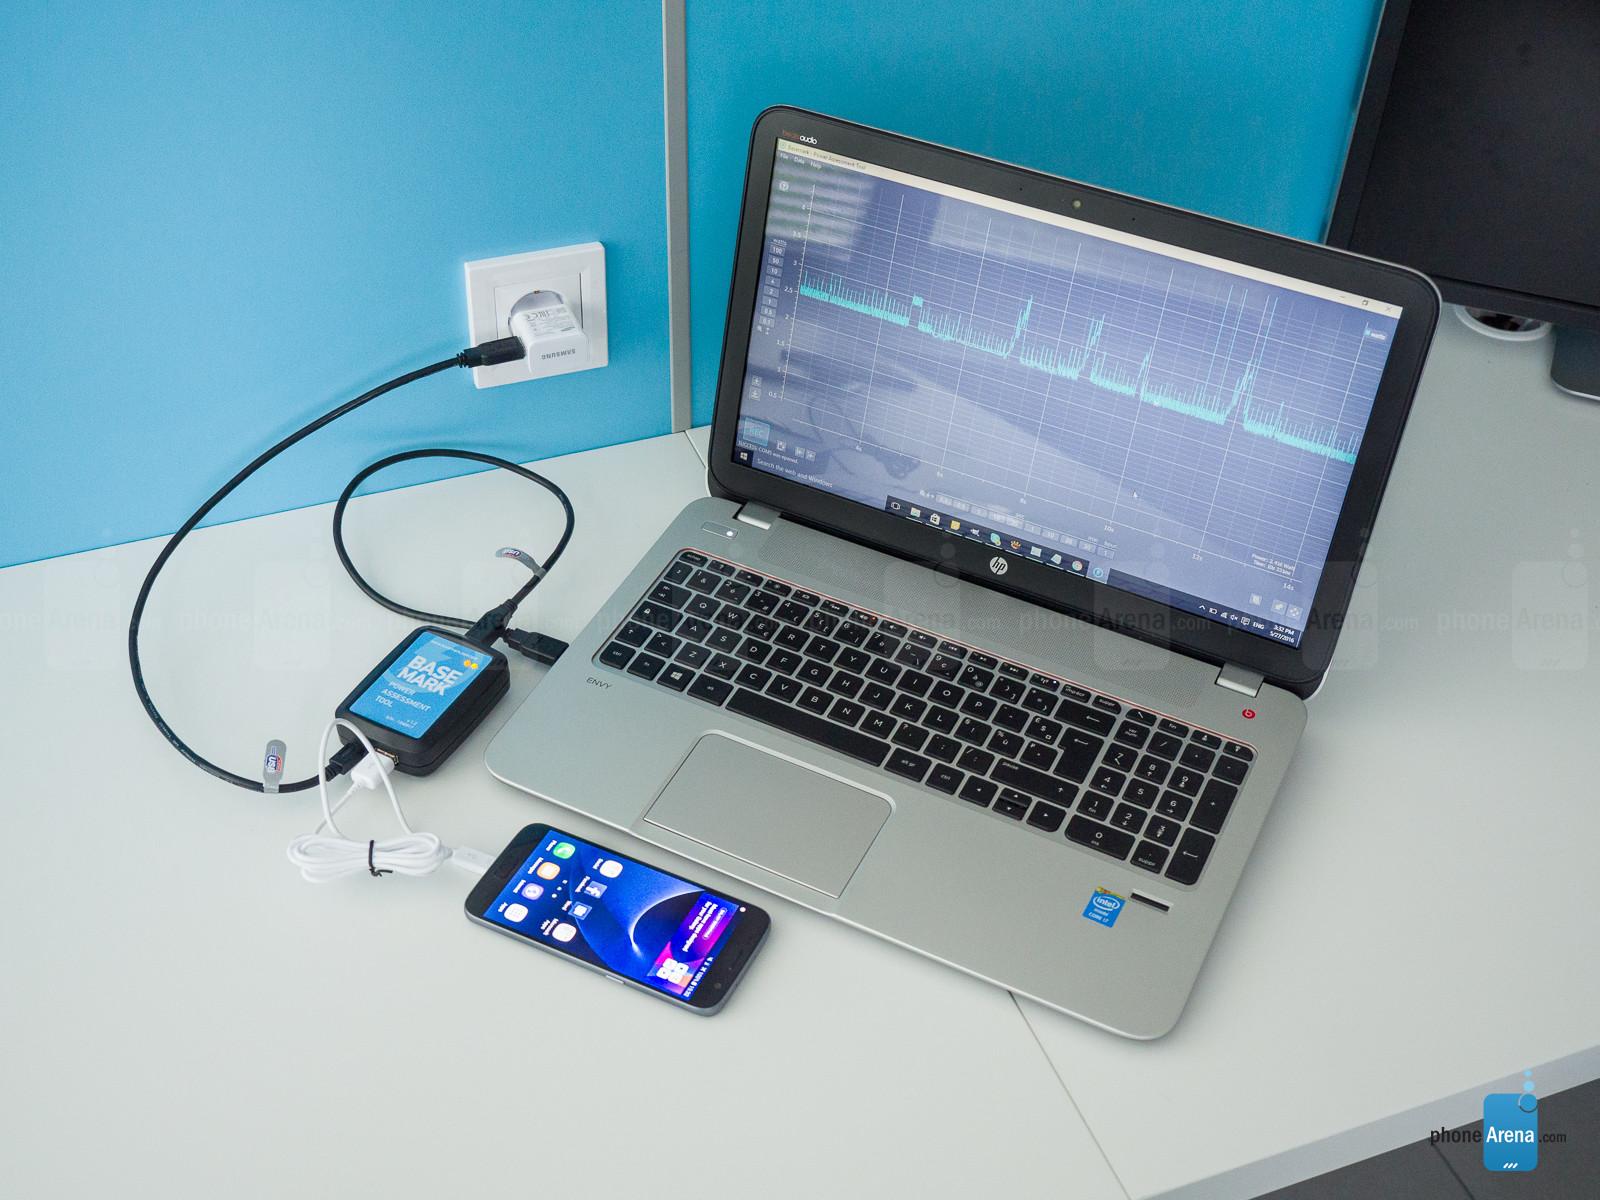 1. Basemark Инструмент оценки мощности